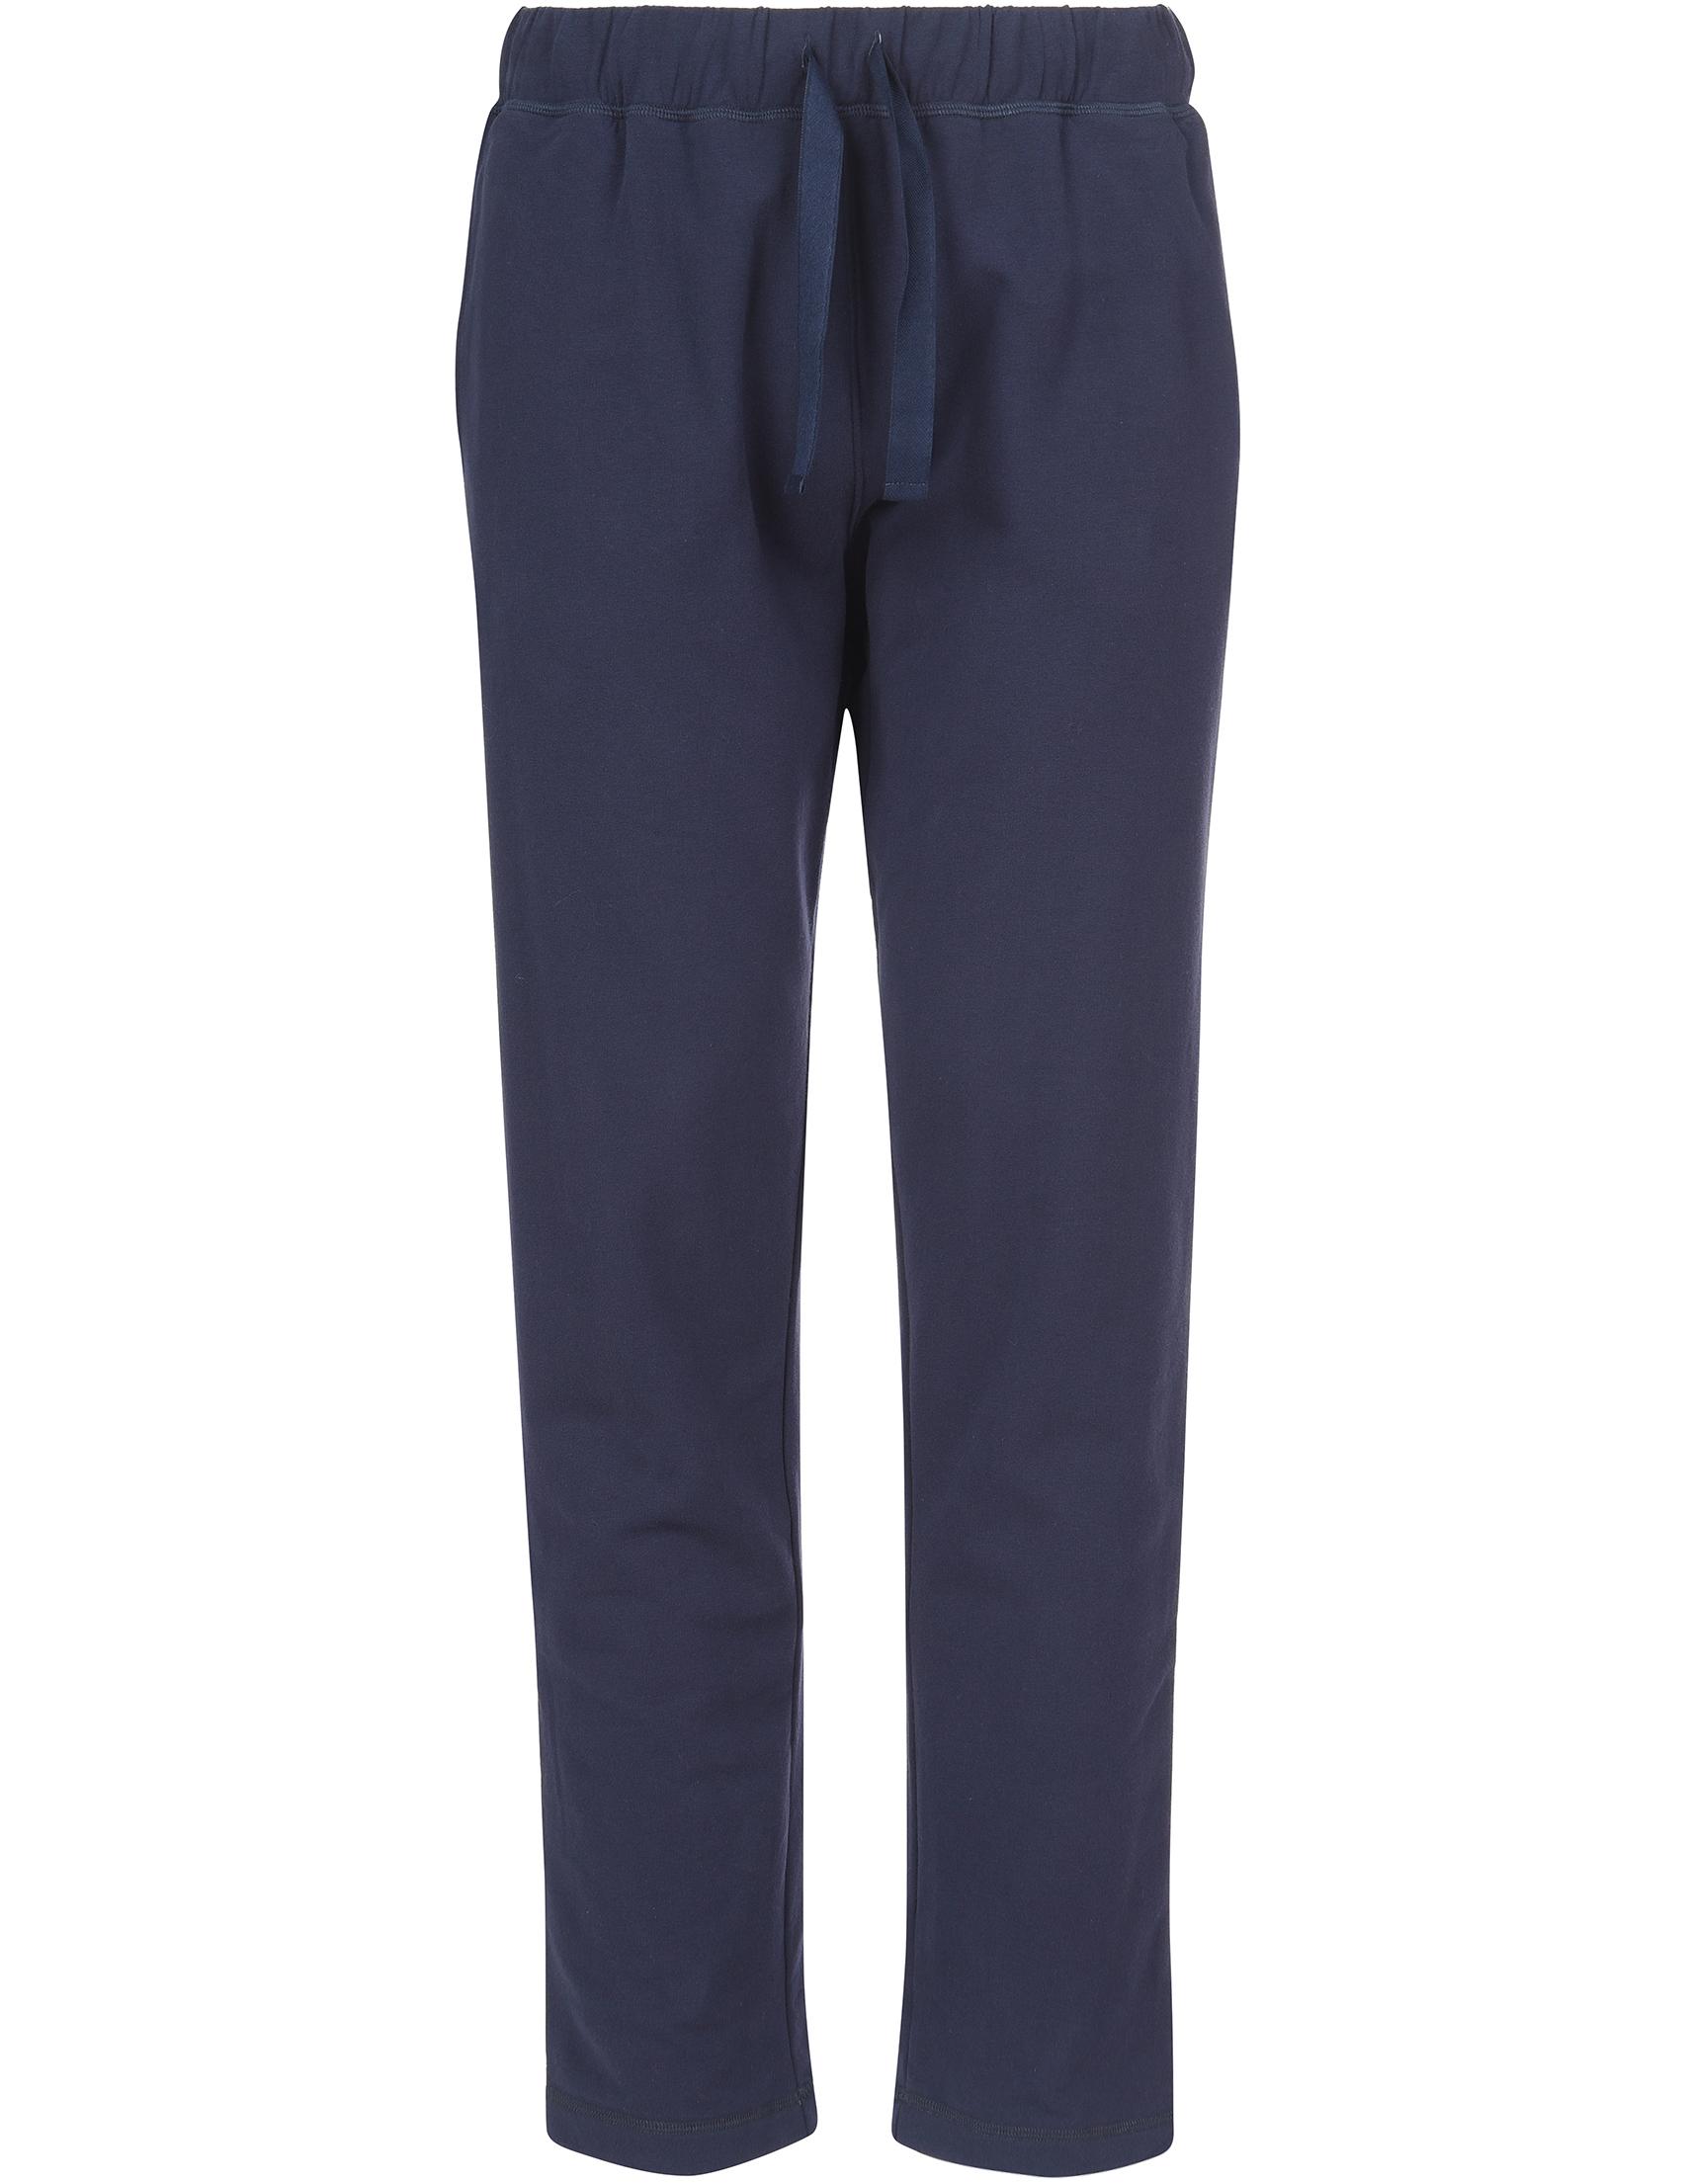 Мужские спортивные брюки ERMENEGILDO ZEGNA 00470-blue